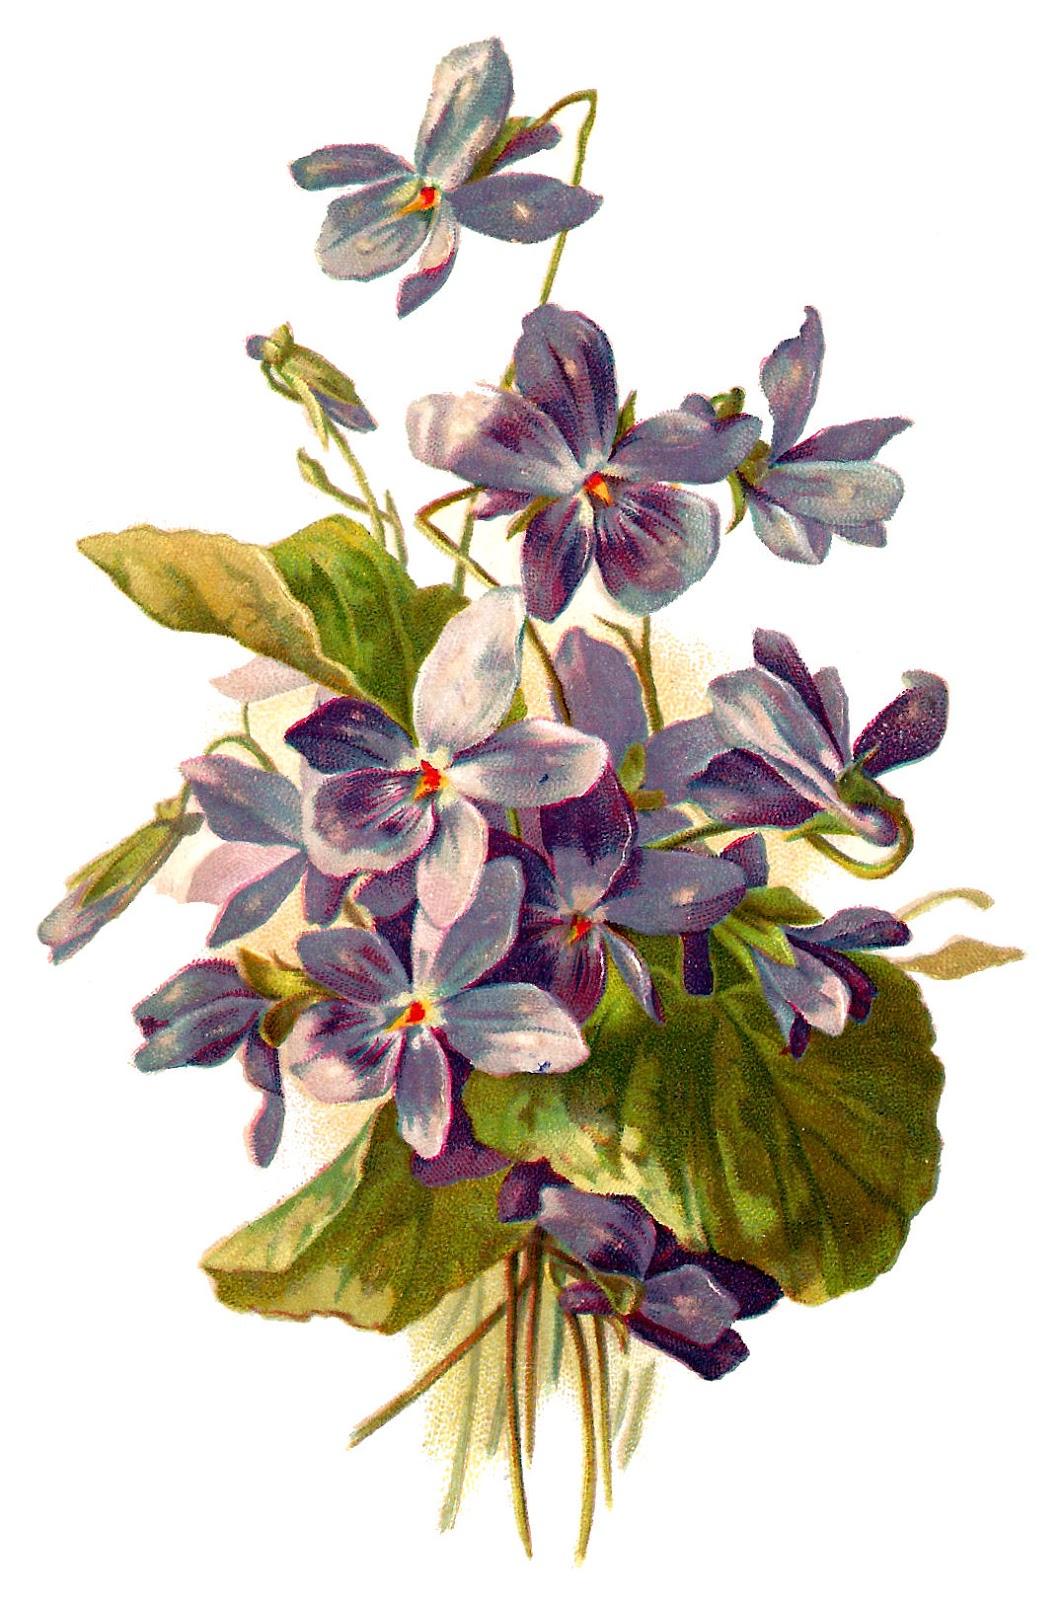 Antique images violet flower download free image for Art flowers